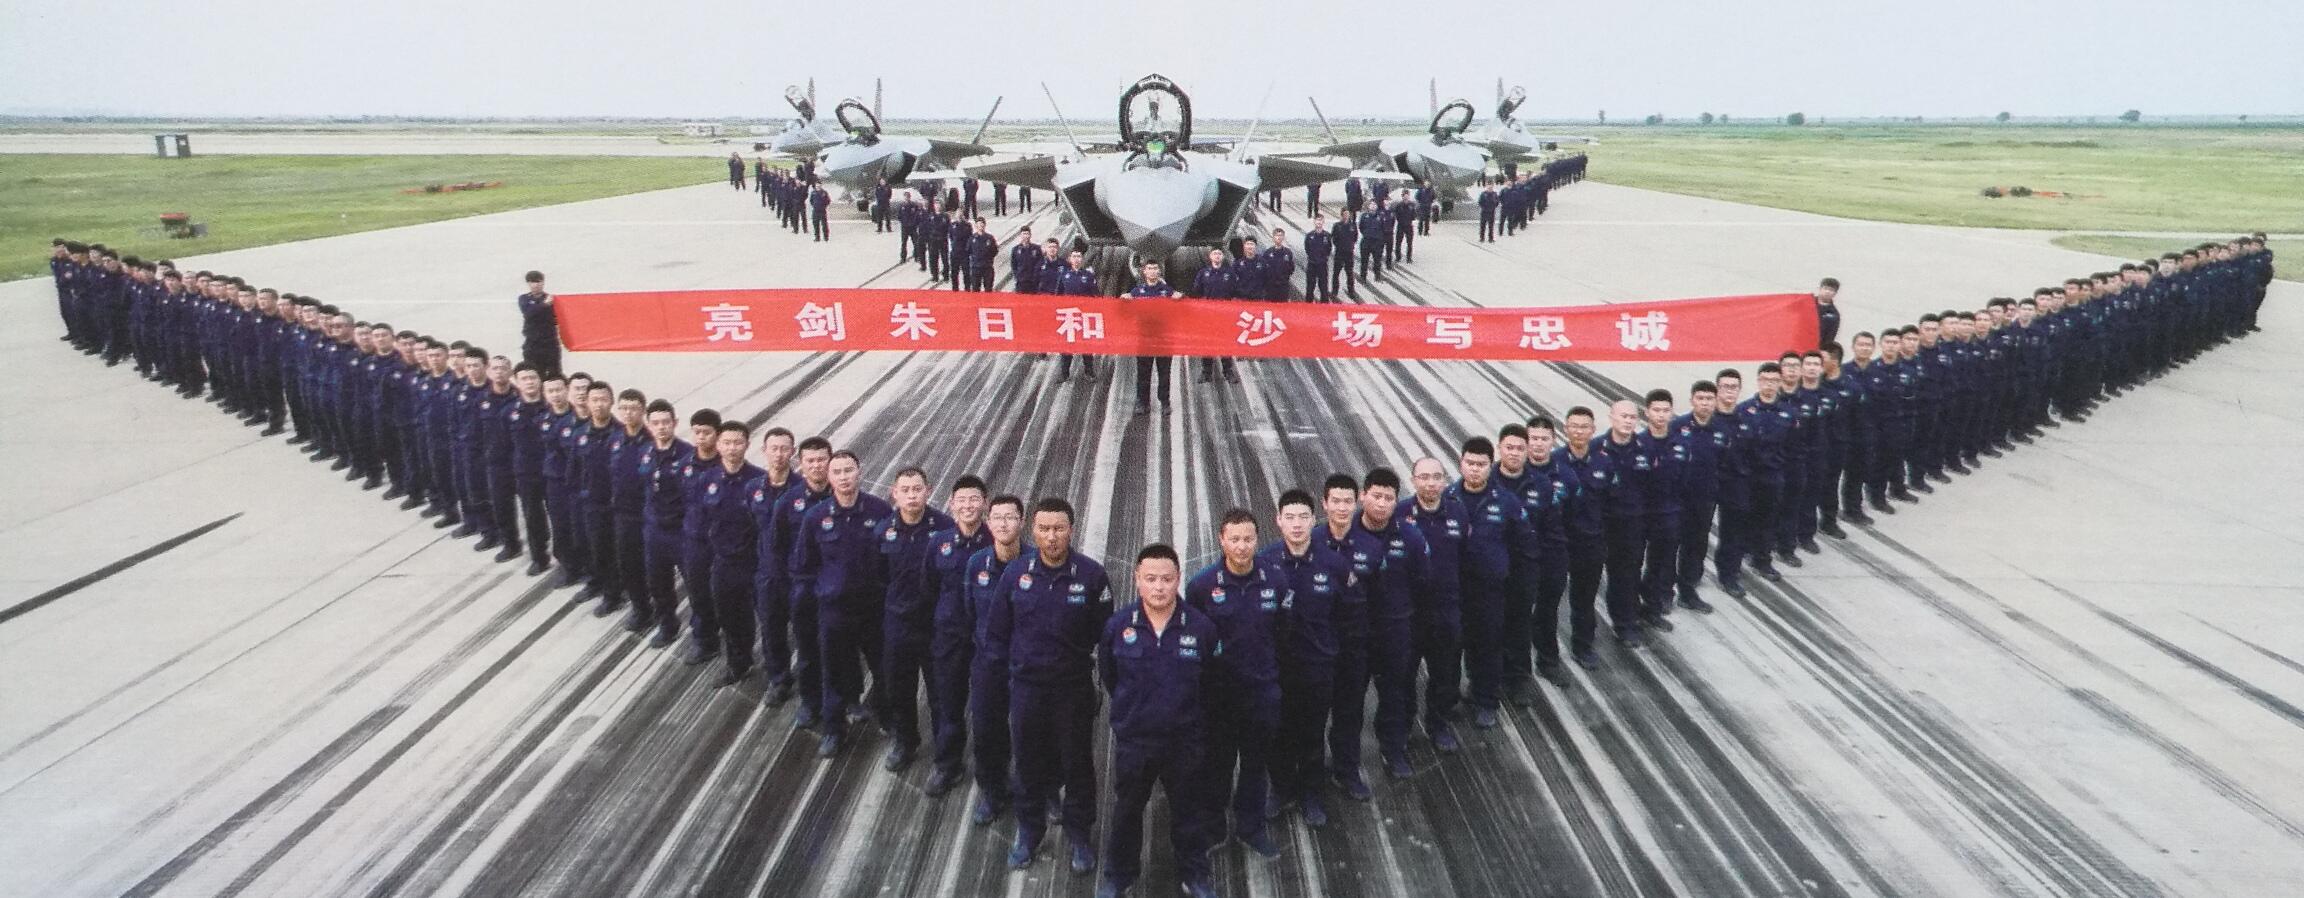 解放军代表:歼20、运20已成制胜空天新锐力量